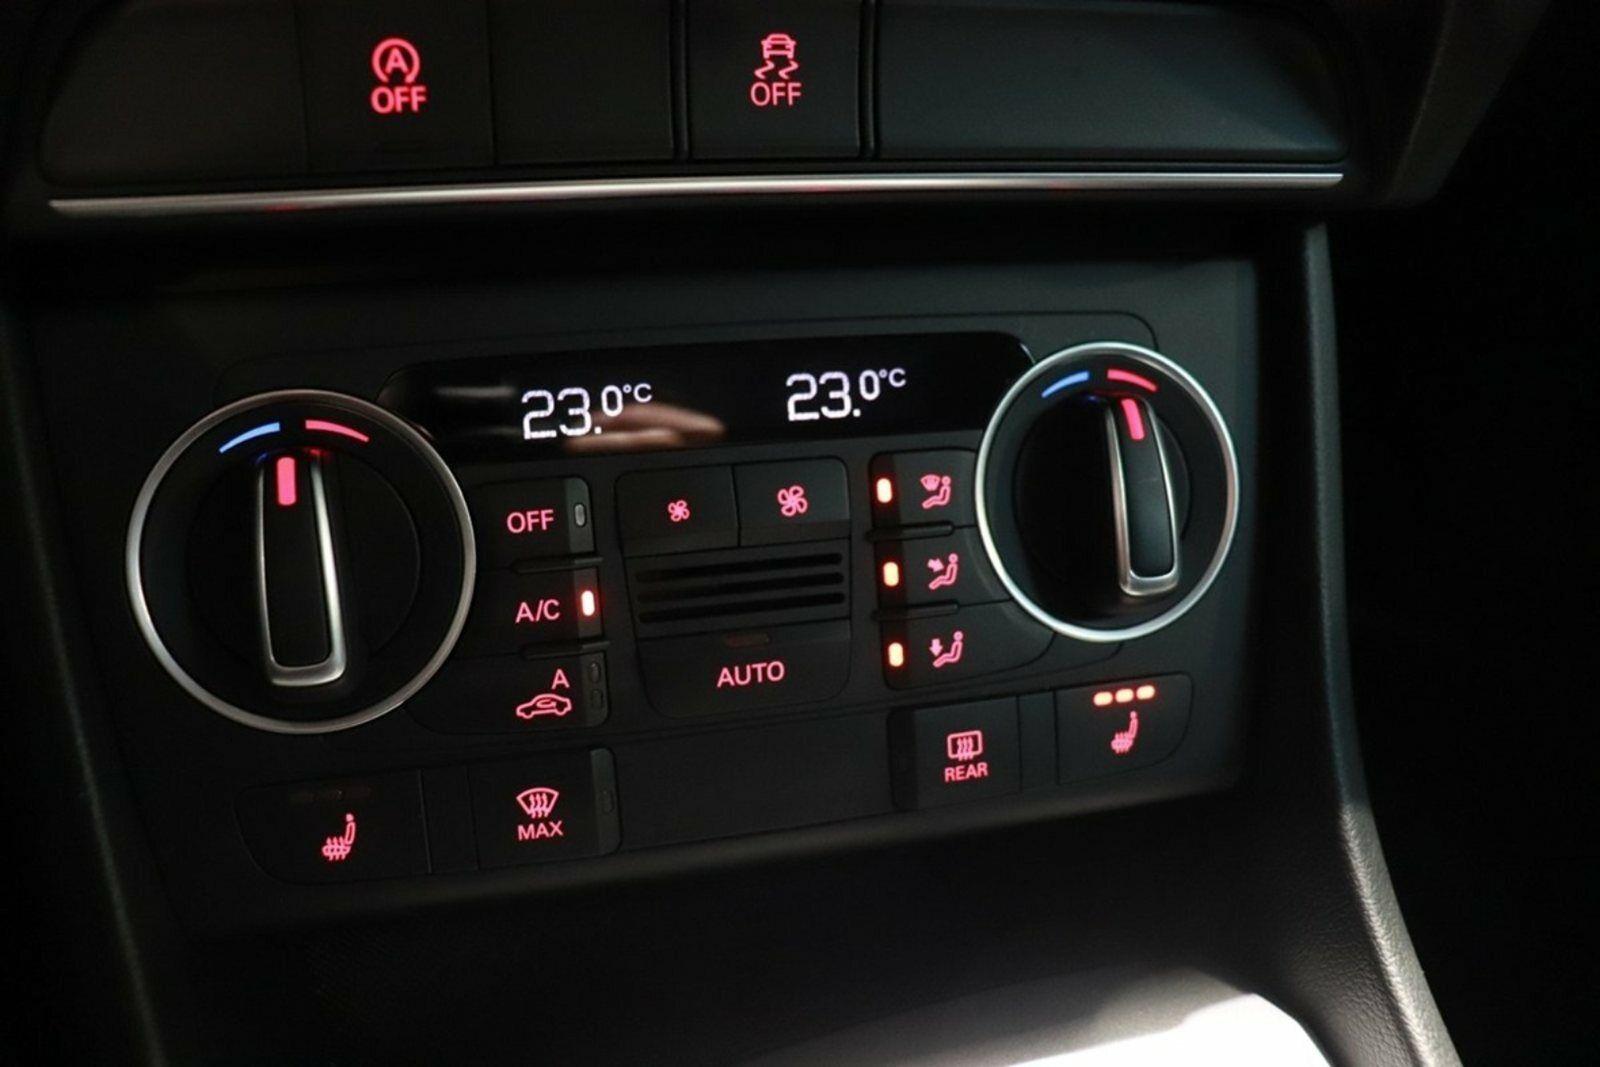 Audi Q3 TFSi 150 Ultra